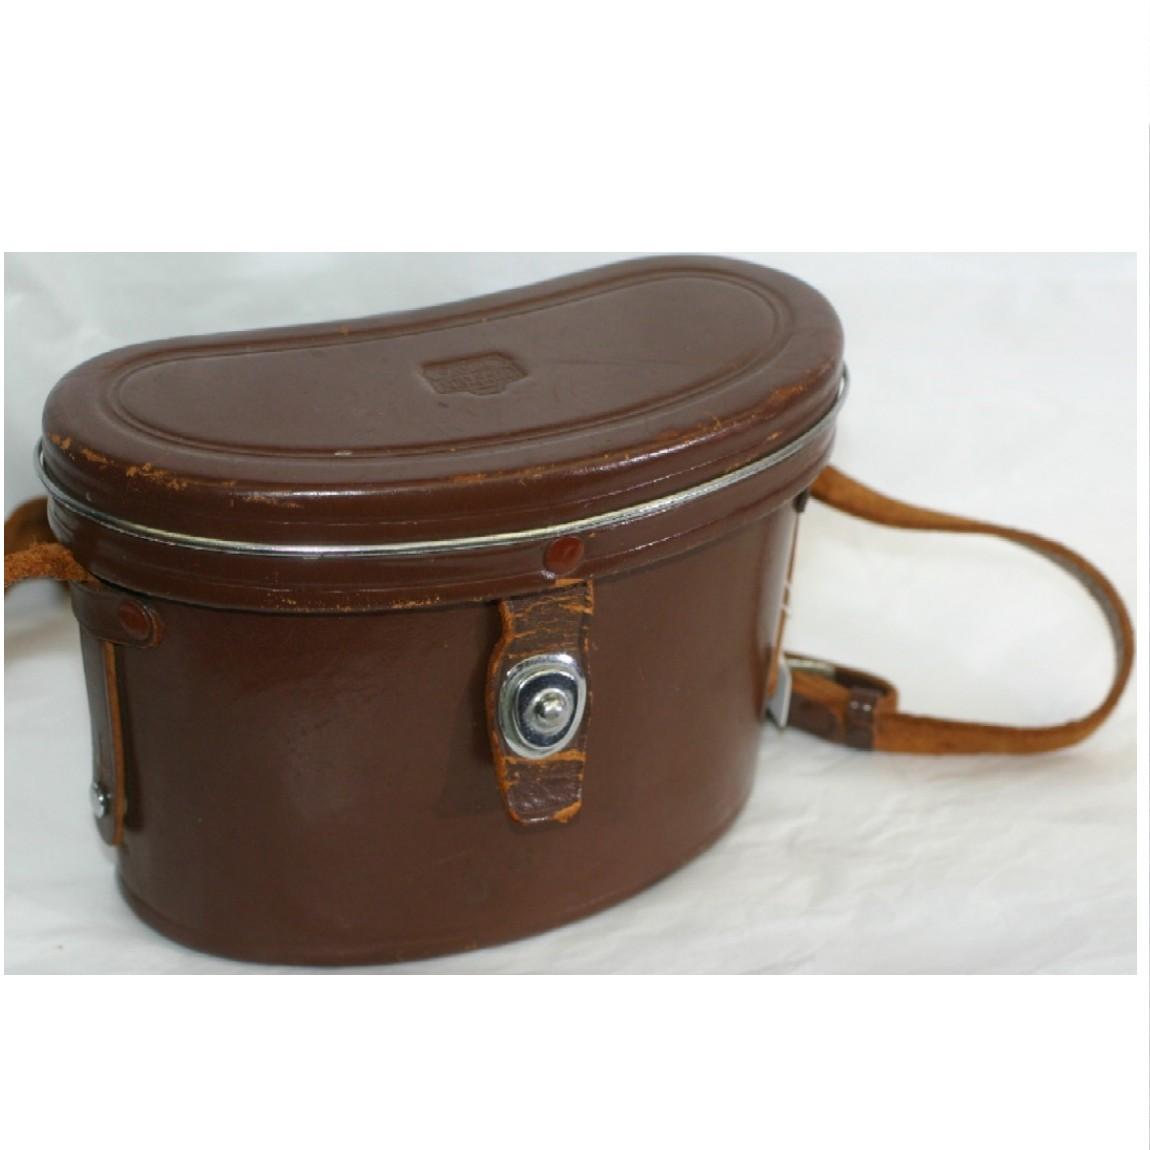 【中古】本物可ニコンのアンティークなショルダーバッグにも使用可能な茶色い丈夫な革素材の双眼鏡ケース ○J13-5-1